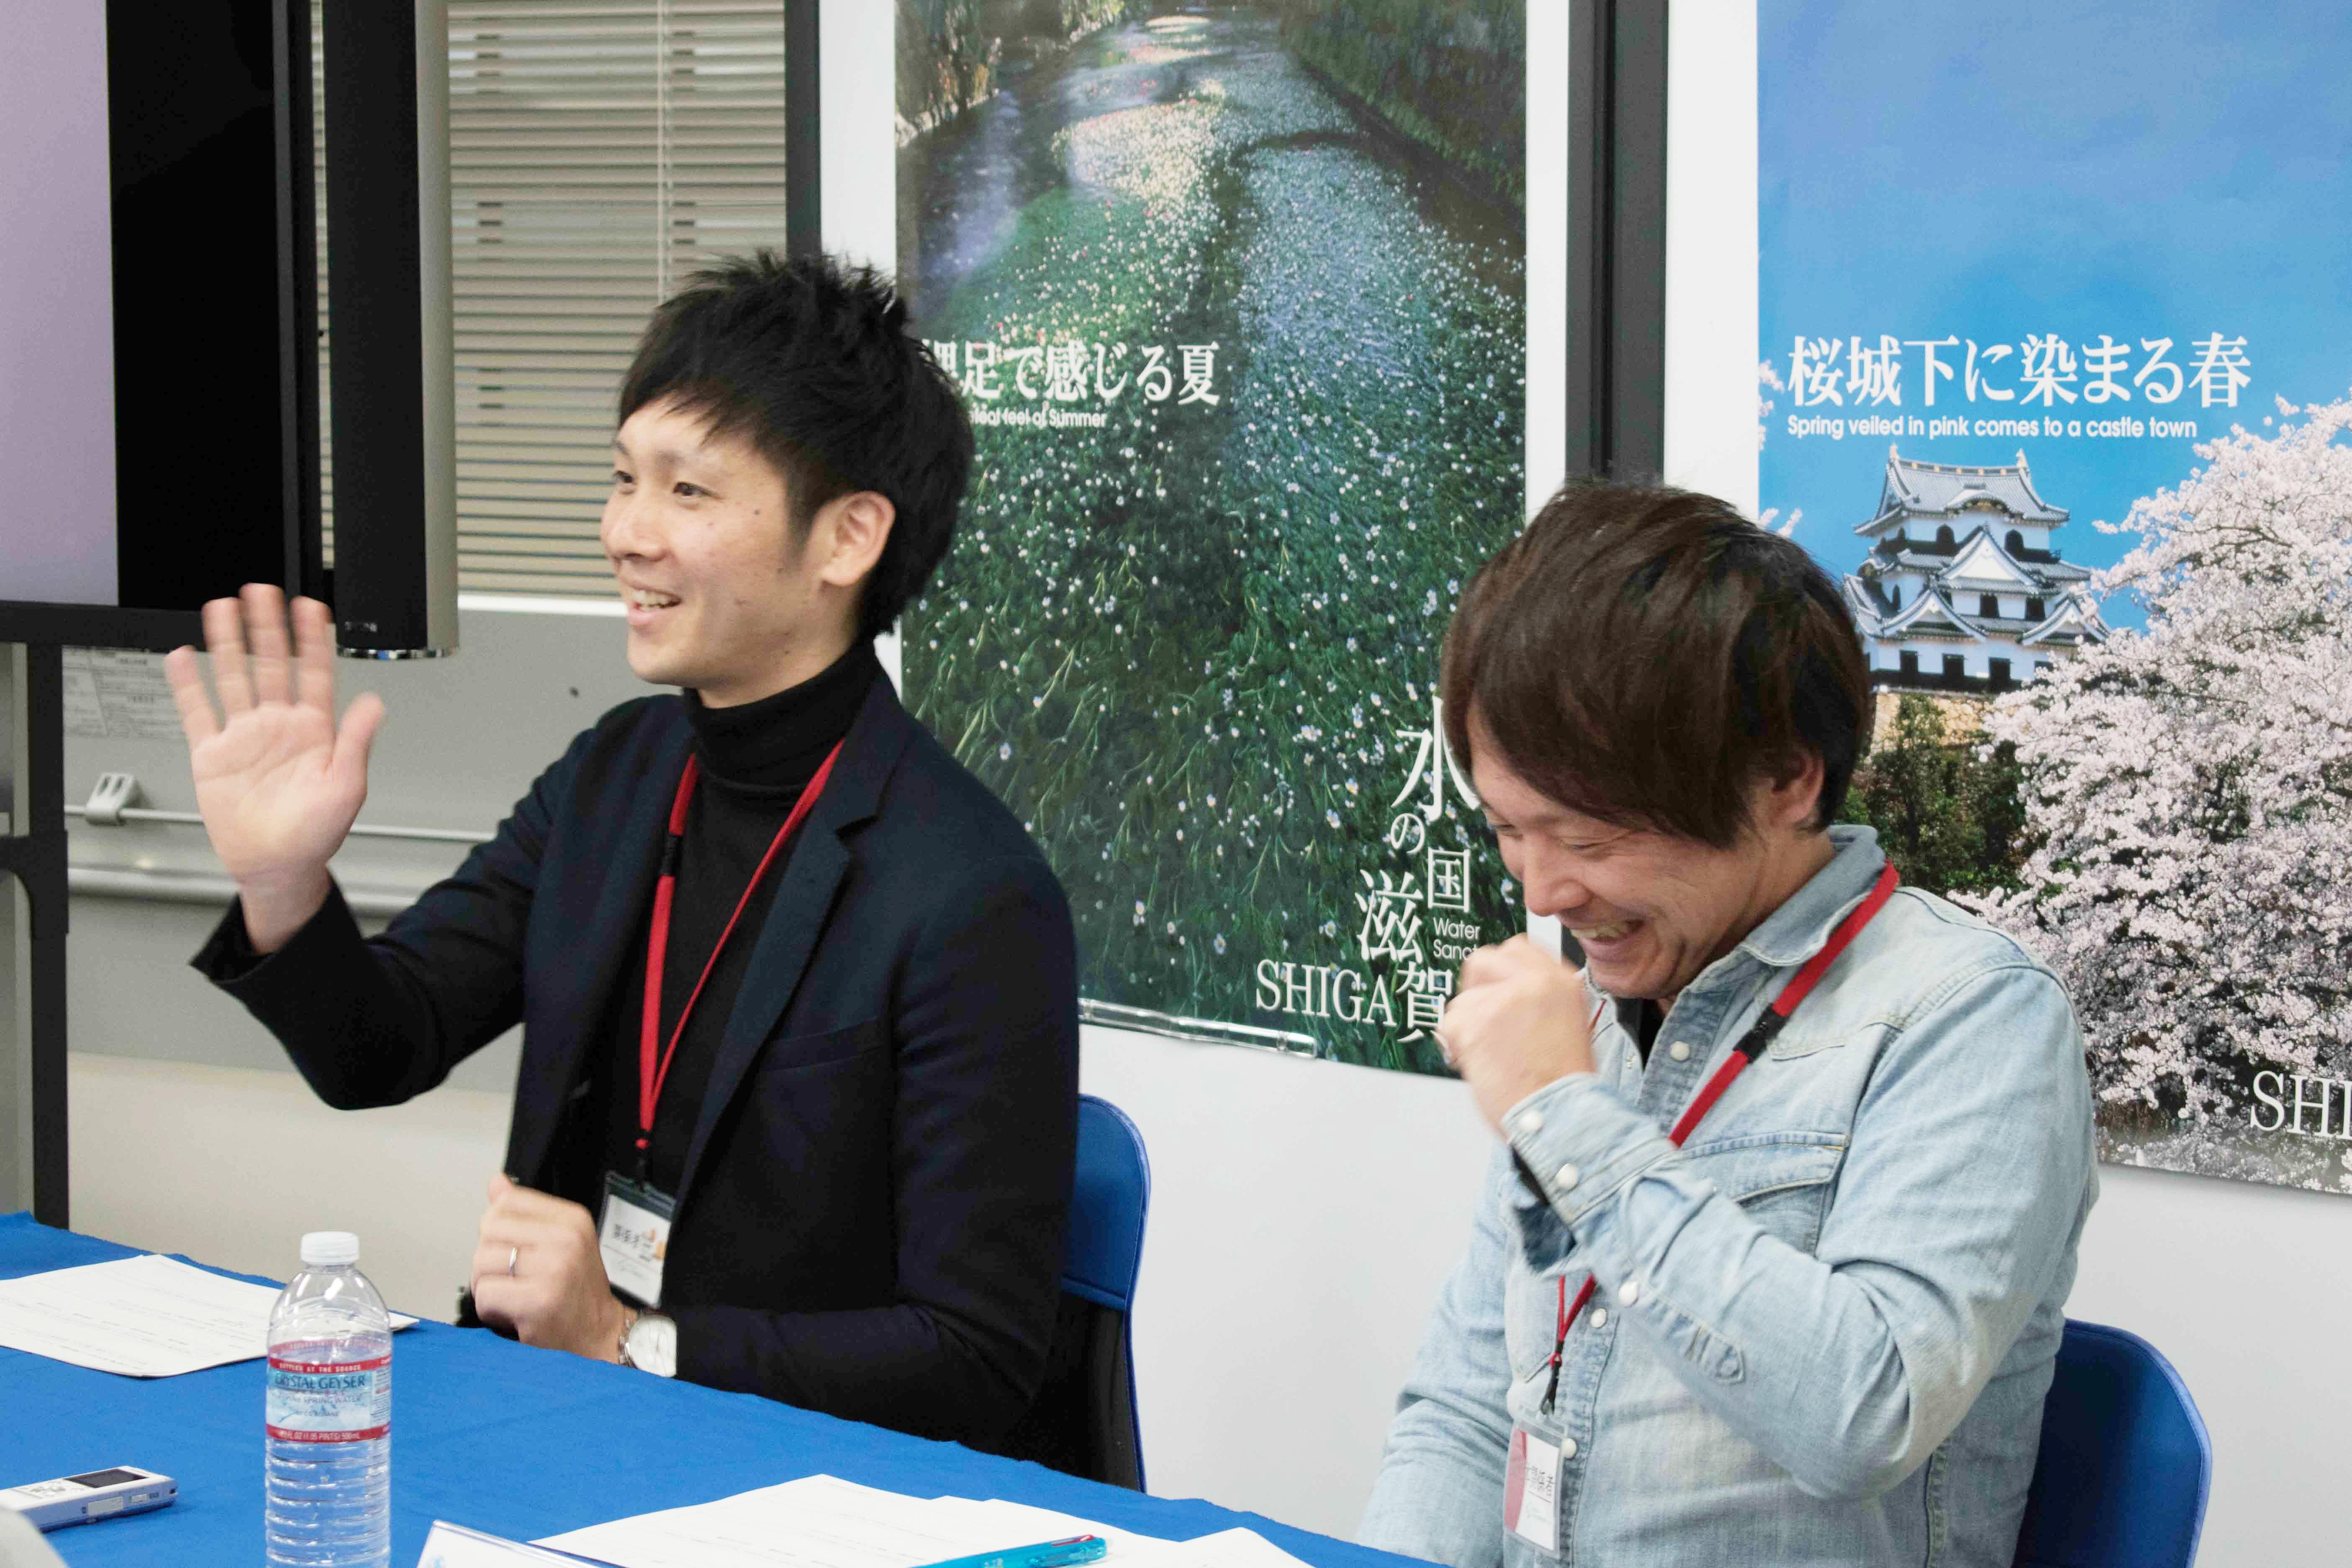 ゲスト・綾羽株式会社、三友エレクトリック株式会社(しが移住相談会)